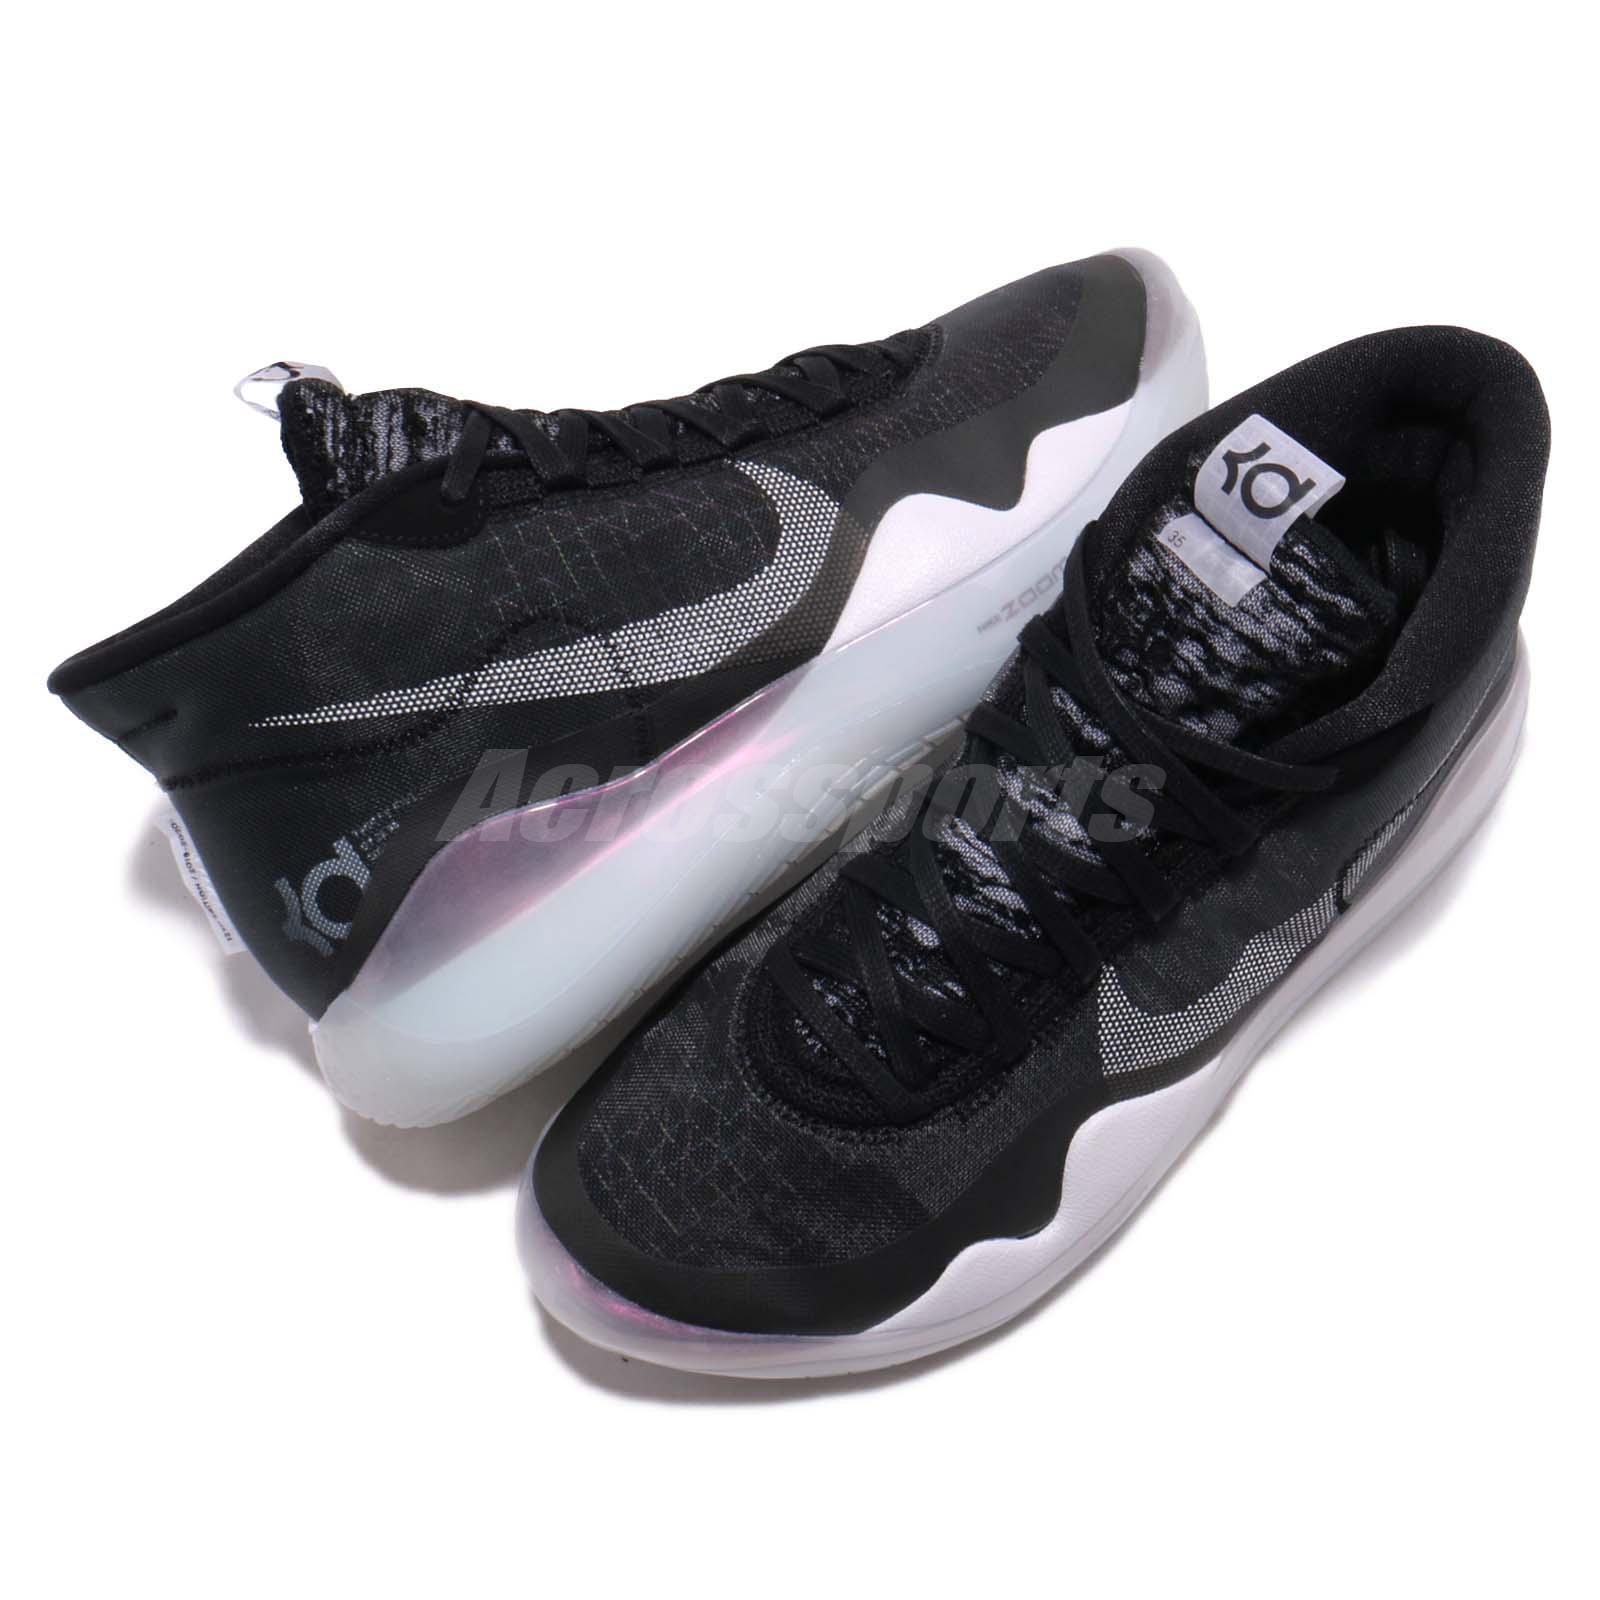 022c08a2b59a Nike Zoom KD 12 EP XII The Day One Kevin Durant Black White Men ...